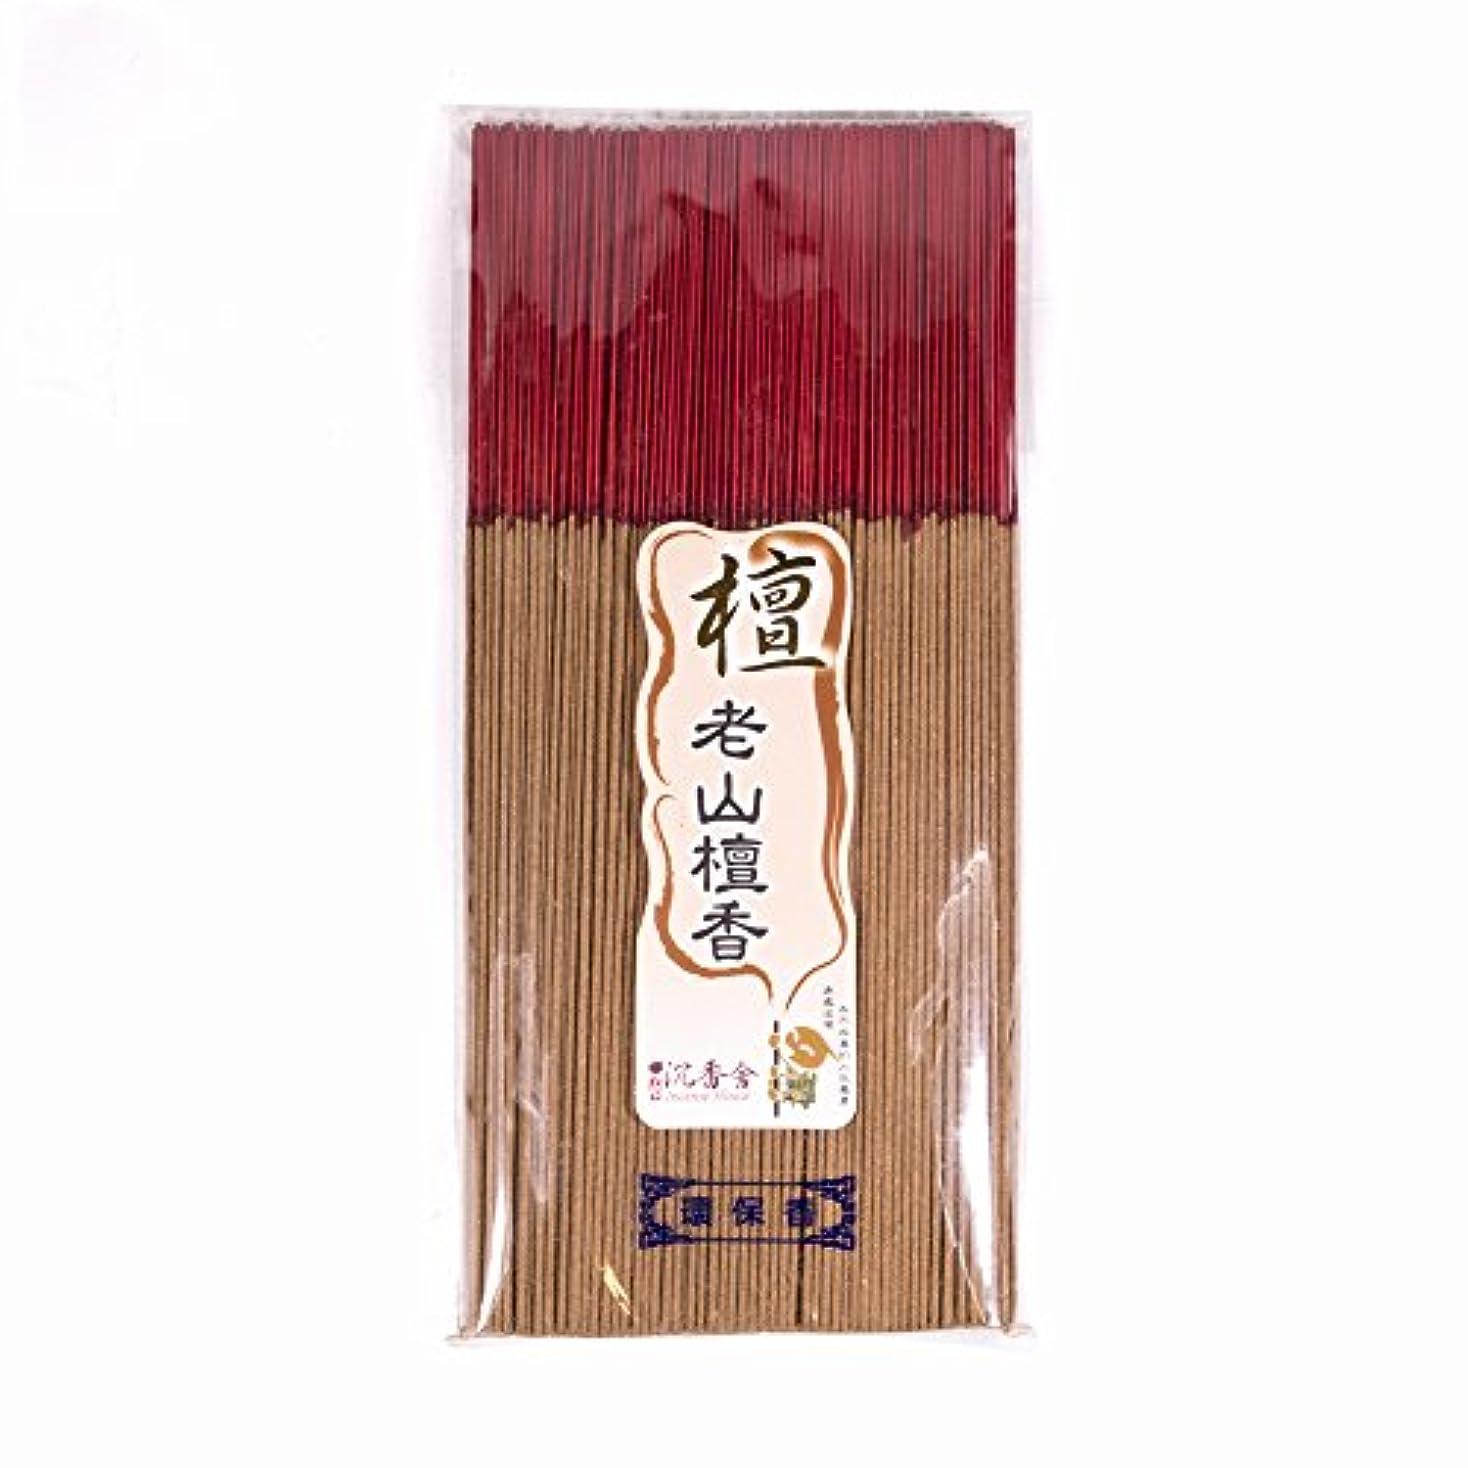 非公式工夫するために台湾沉香舍 老山檀香 台湾のお香家 - 檀香 30cm (木支香) 300g 約400本